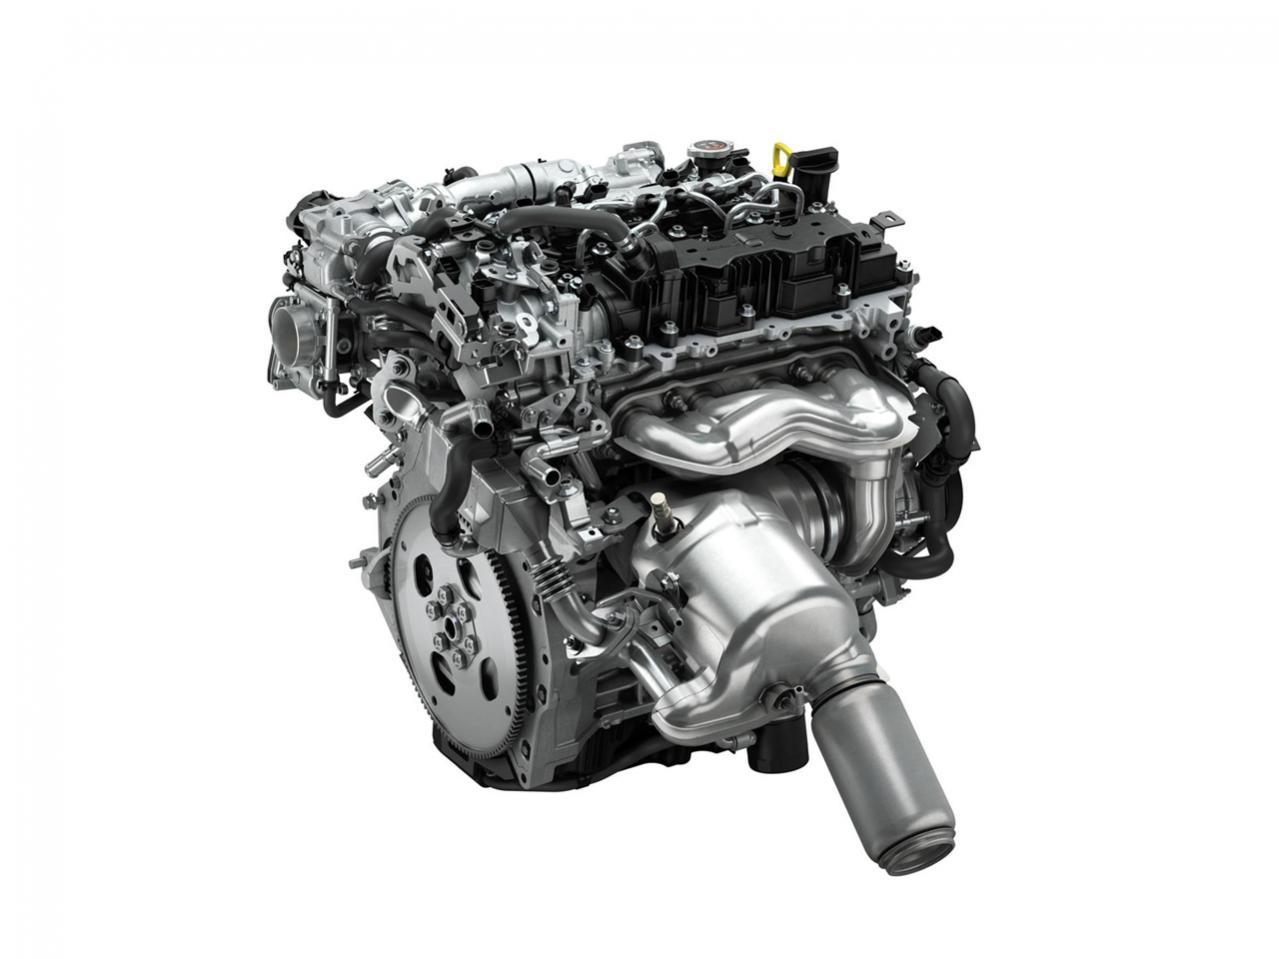 マツダの新世代ガソリンエンジン「SKYACTIV-X」が「第18回ステンレス協会賞 最優秀賞」および「ステンレス協会創立60周年記念賞」を受賞!